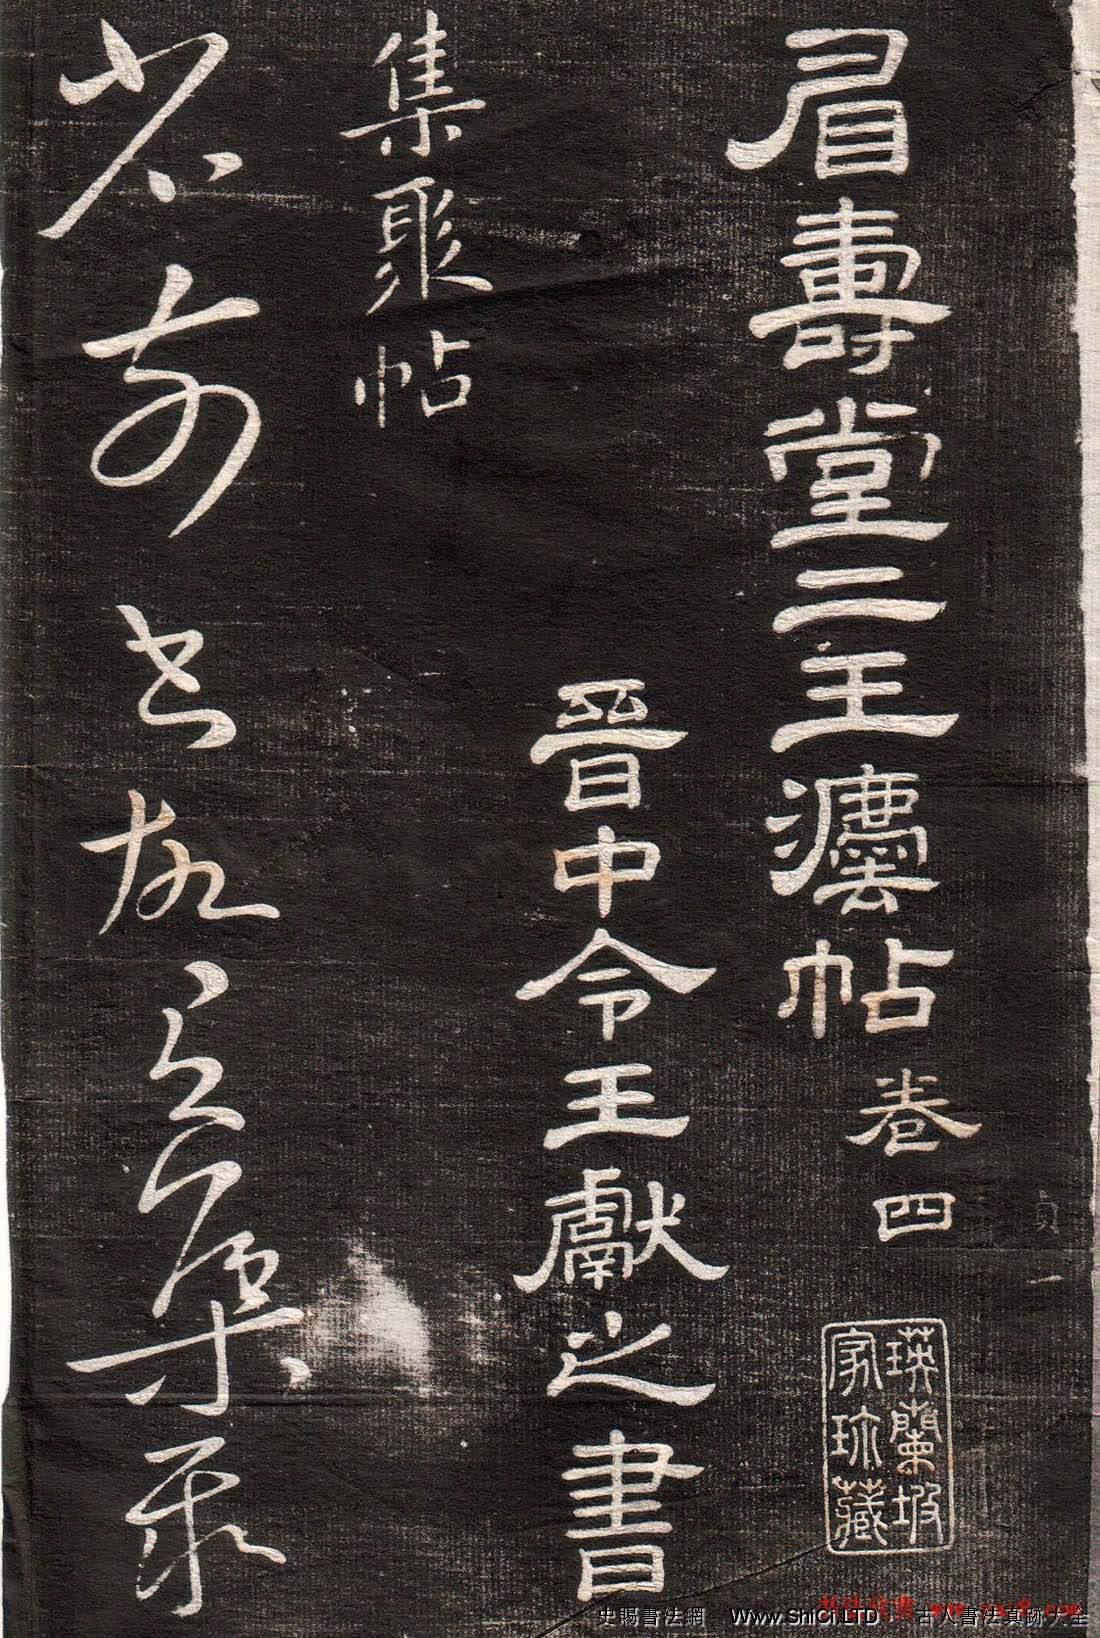 王獻之草書字帖真跡欣賞《眉壽堂卷四》(共25張圖片)